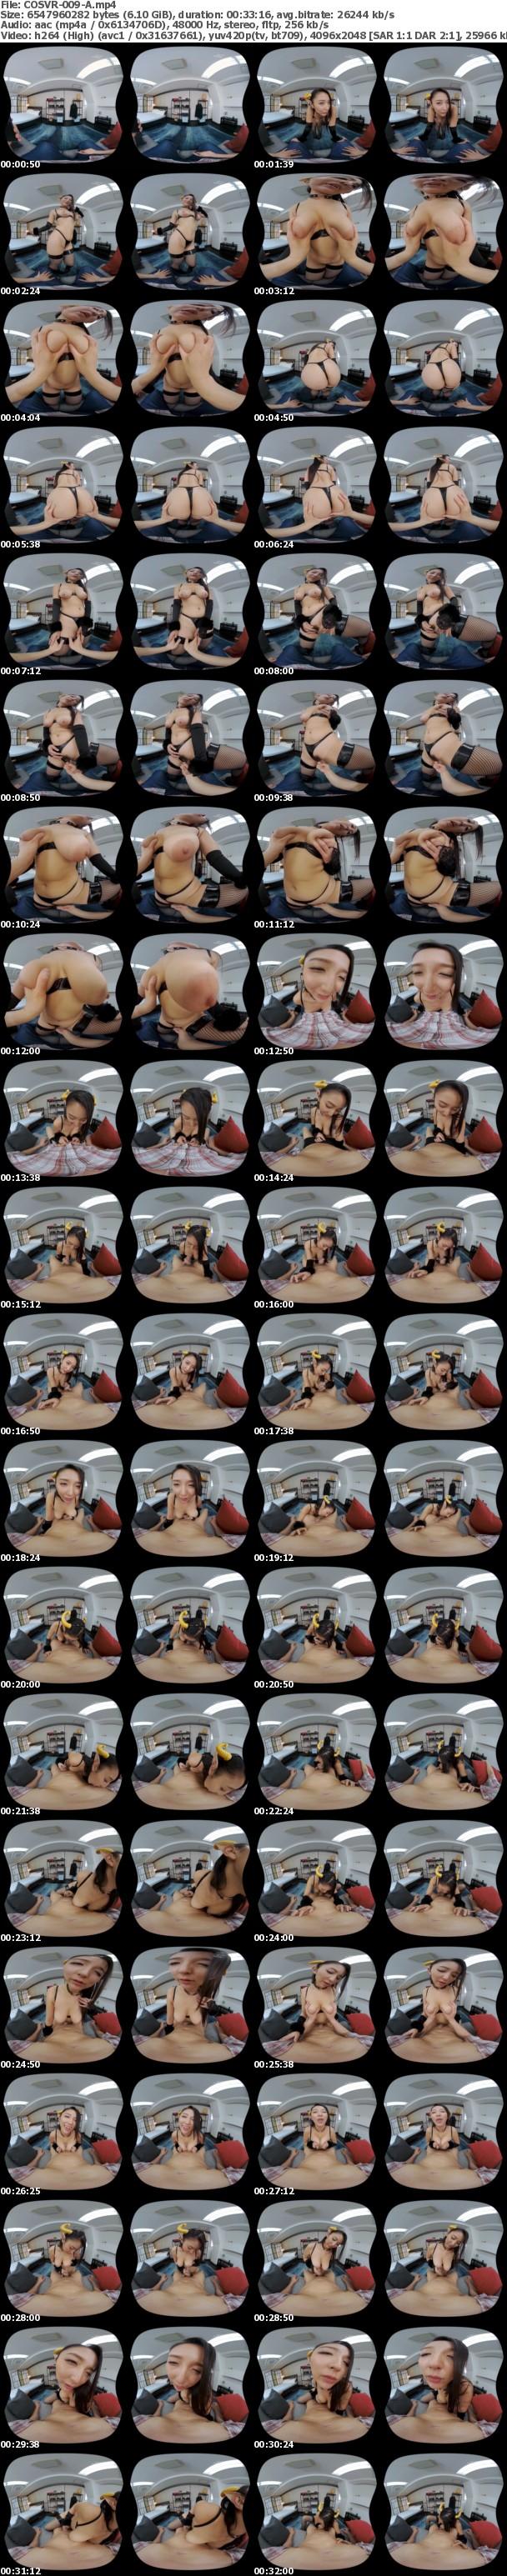 (VR) COSVR-009 童貞大好き!どちゃシコサキュバスと誰も体験したことのない最高の筆下ろし体験!!ムッチムチ全身フェロモンのエロボディに即ハボ!打ち止め?大量発射!! 本真ゆり